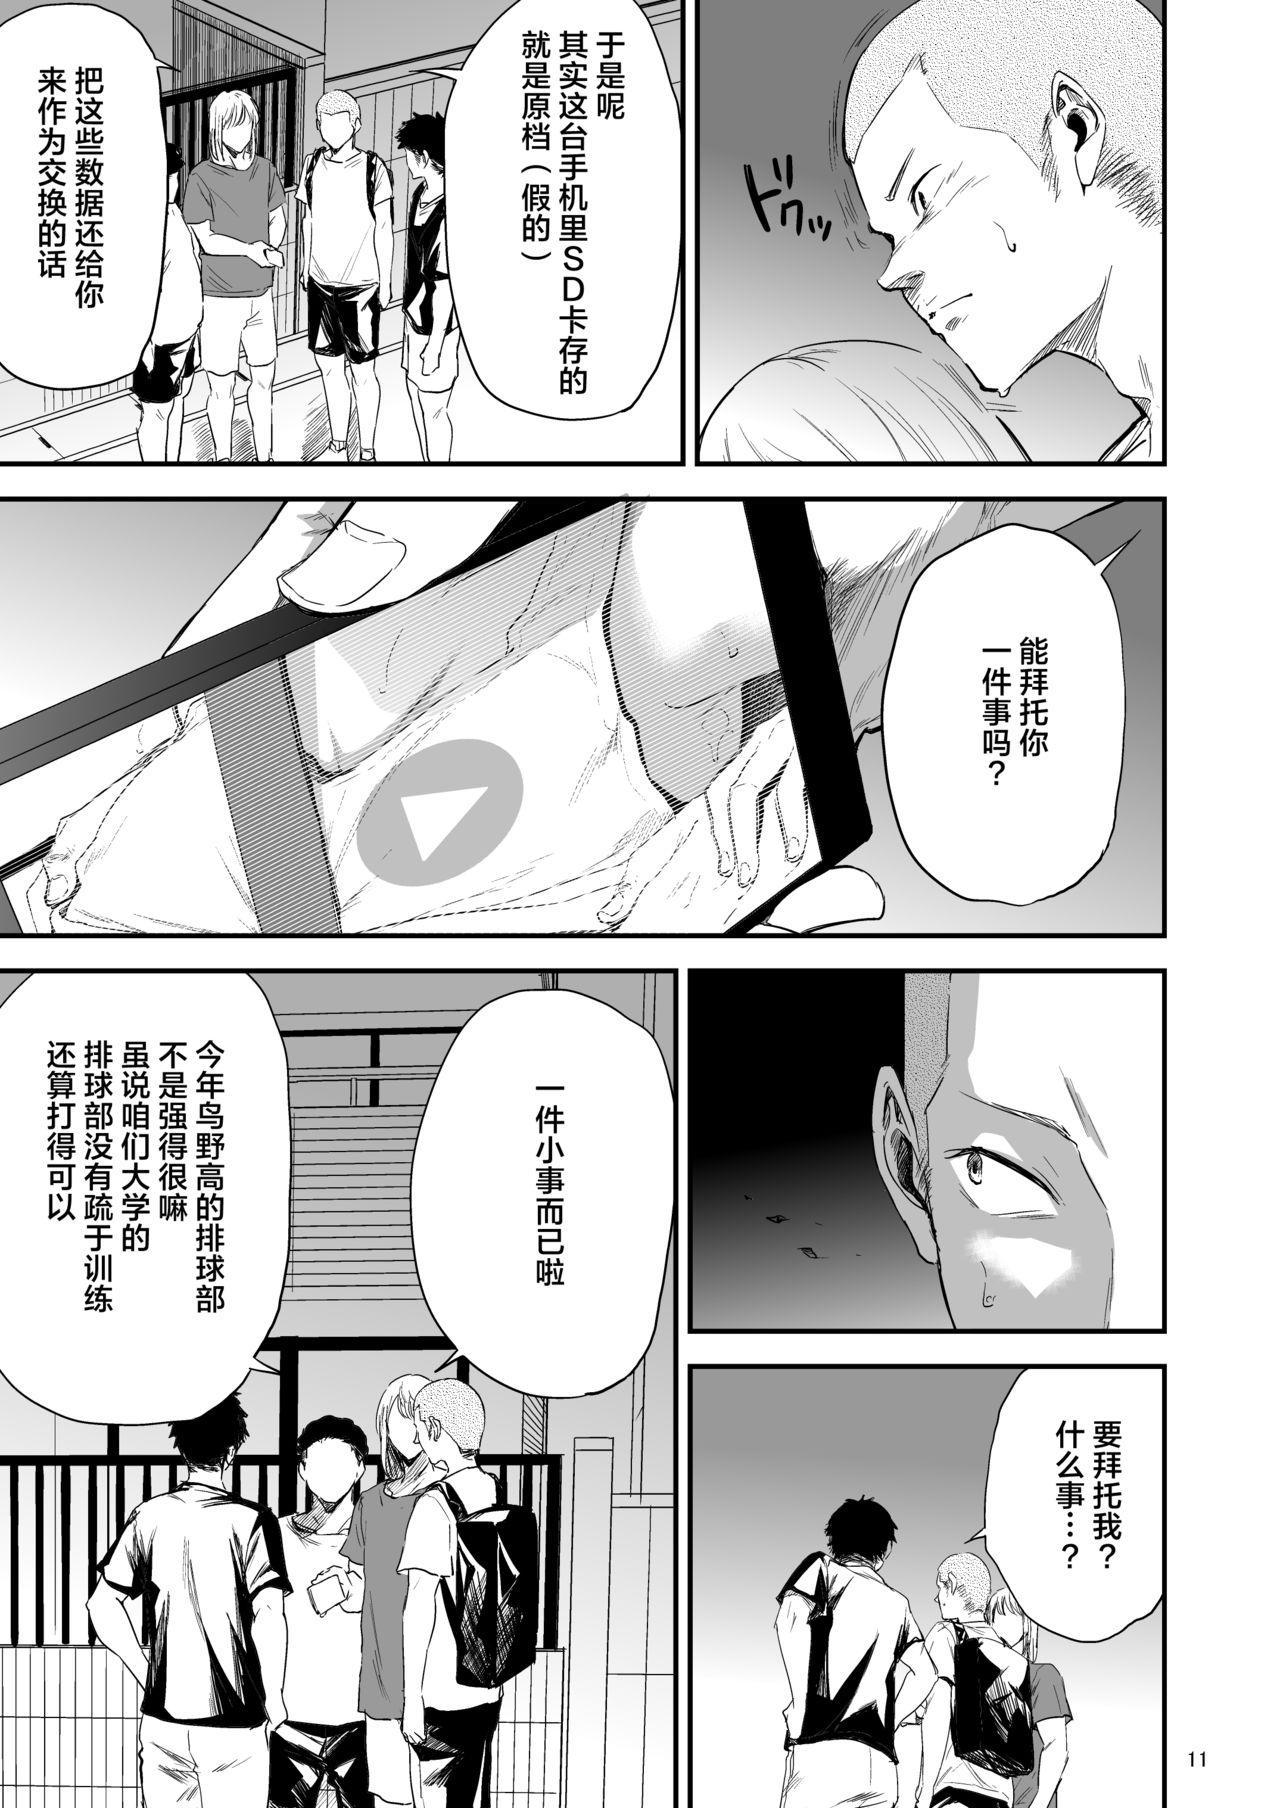 Saeko Nee-san ga Daigaku no Doukyuusei ni Itazura Sare Moteasobareru Hon 3 10